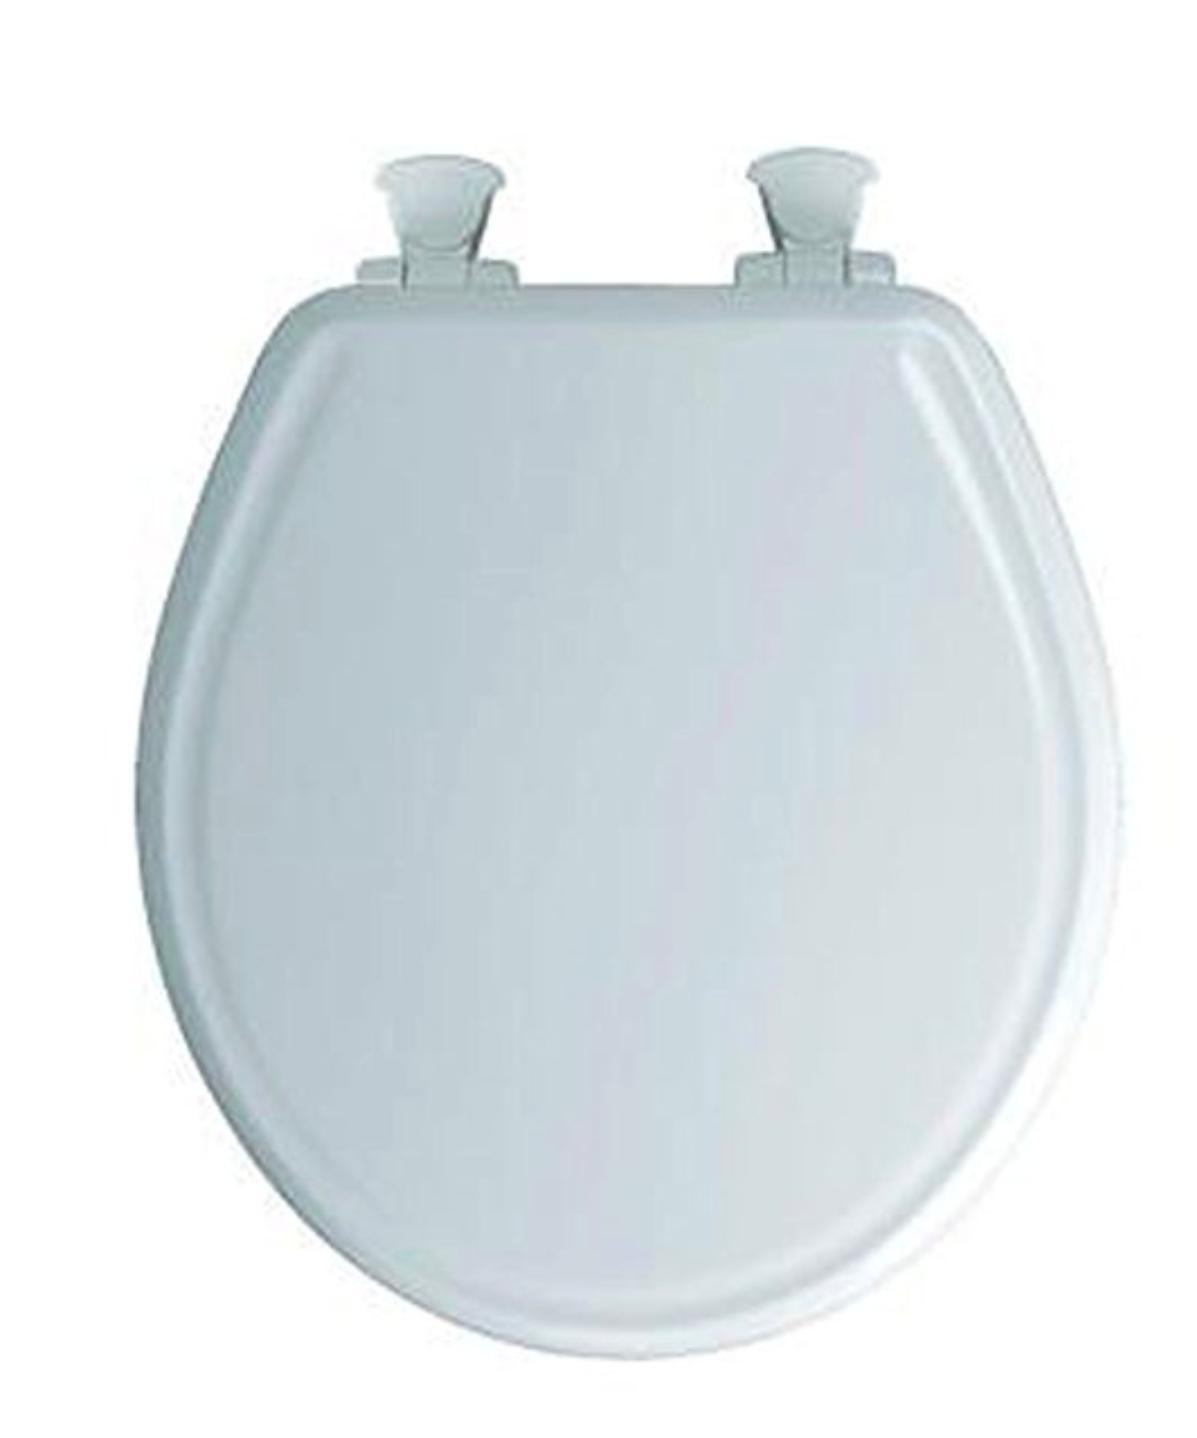 Bemis Statite Toilet Seat Toilet Seat